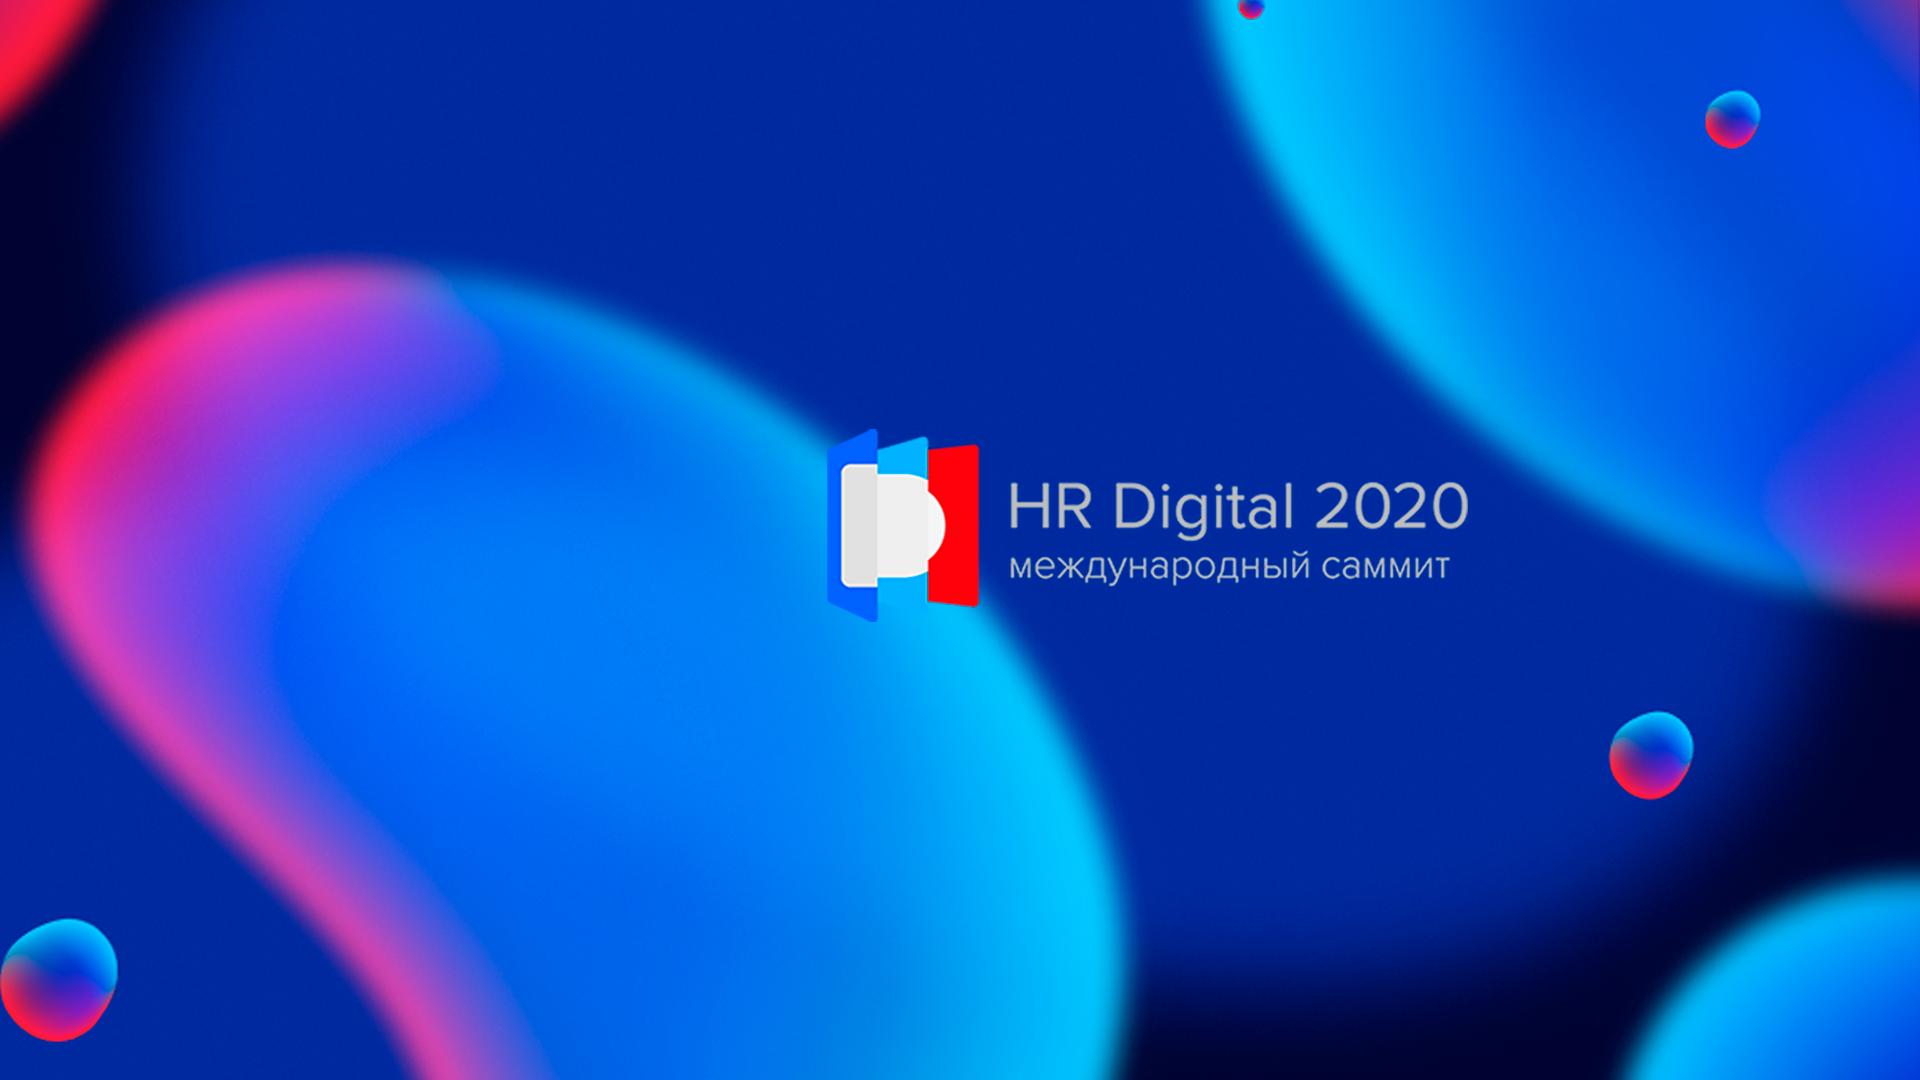 О чем говорили на саммите HR Digital 2020: важные тренды, яркие цитаты